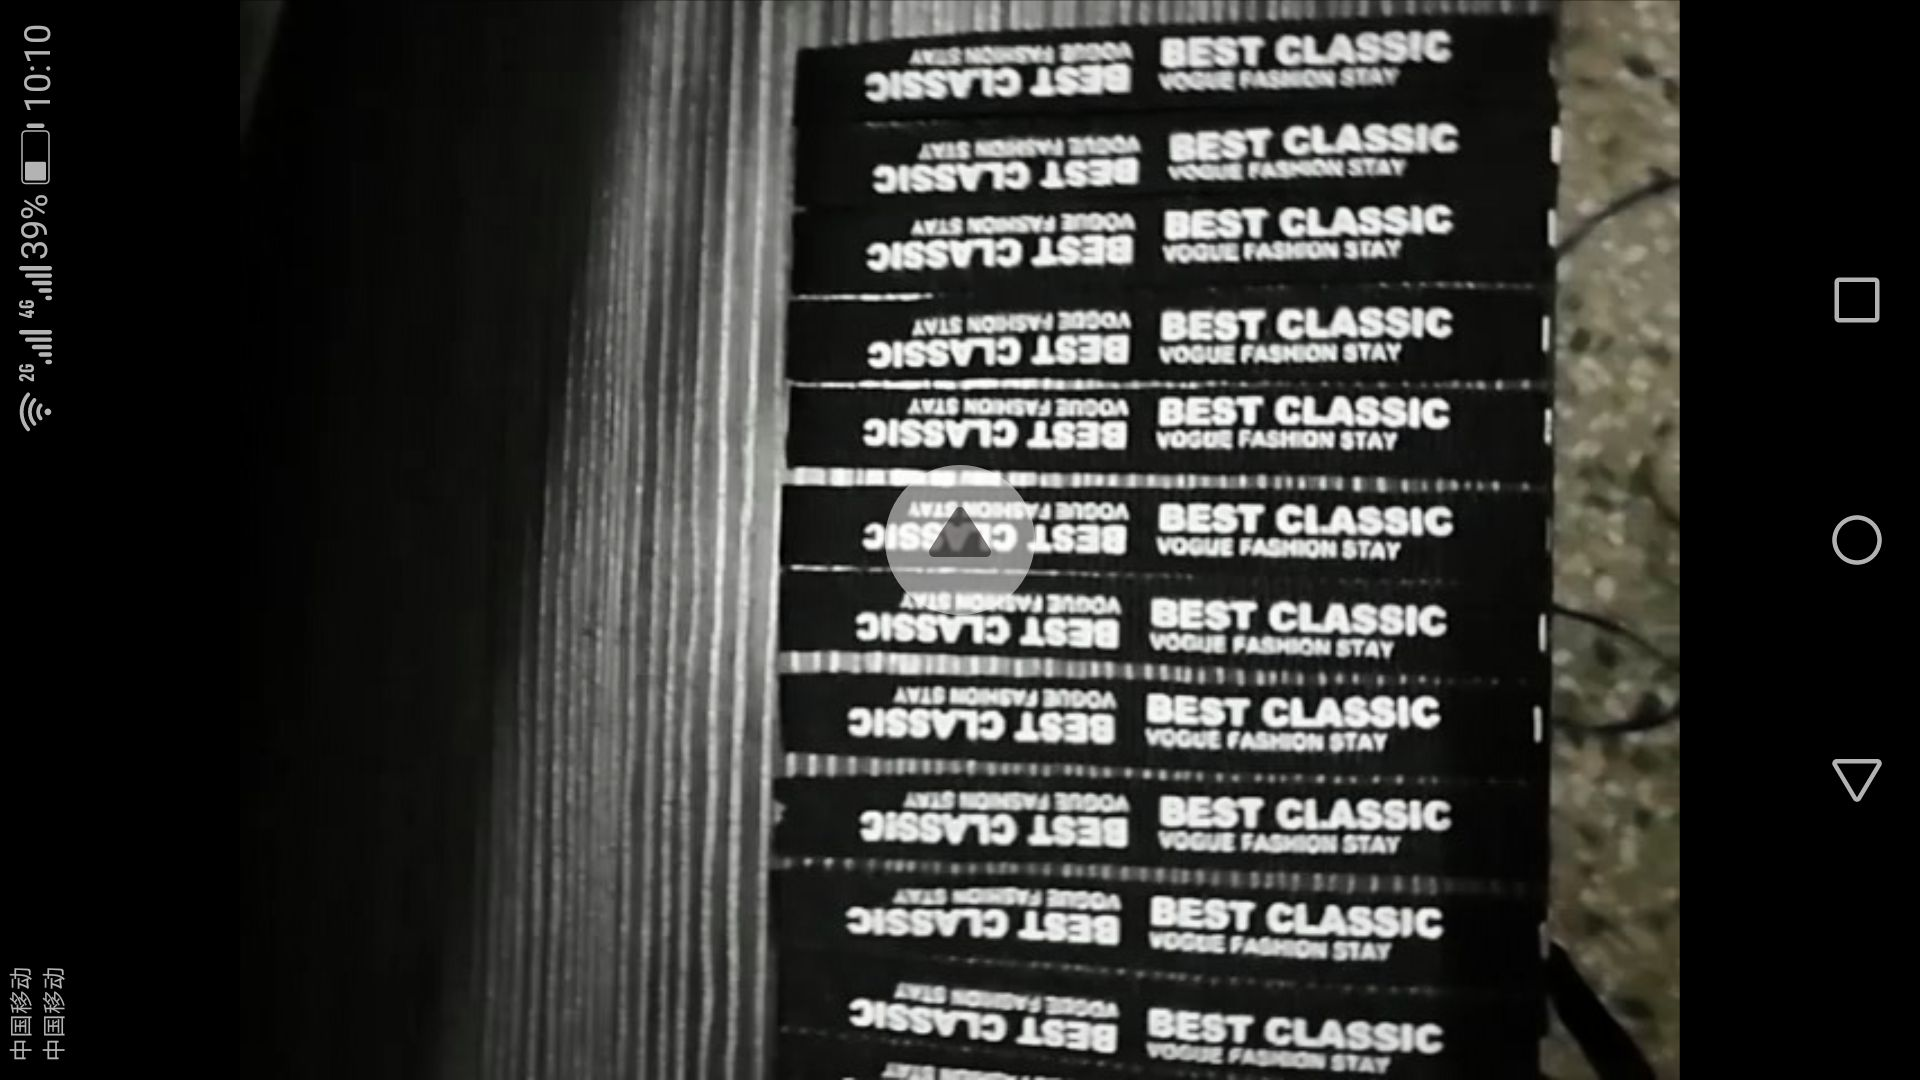 东莞切带机源头生产厂家(左隆机械)兄力厂|专业的左隆机械兄力牌986A切带机铜拉链切带机供应商_左隆机械有限公司